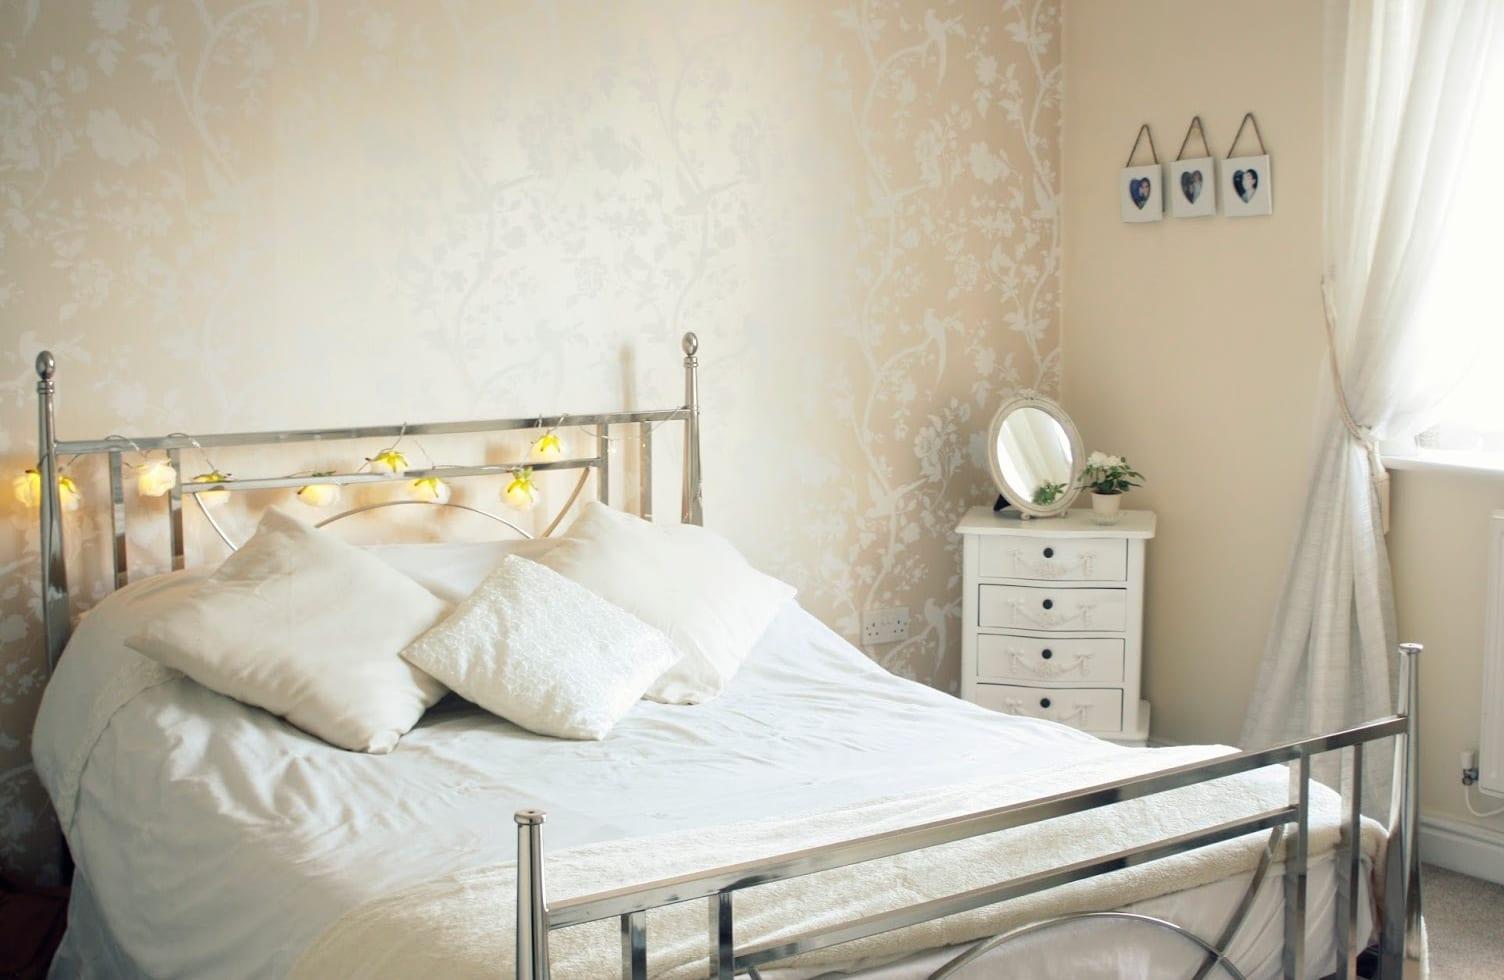 kleines schlafzimmer-bett dekorieren mit leuchten-tapete beig mit blumenmotiv weiß